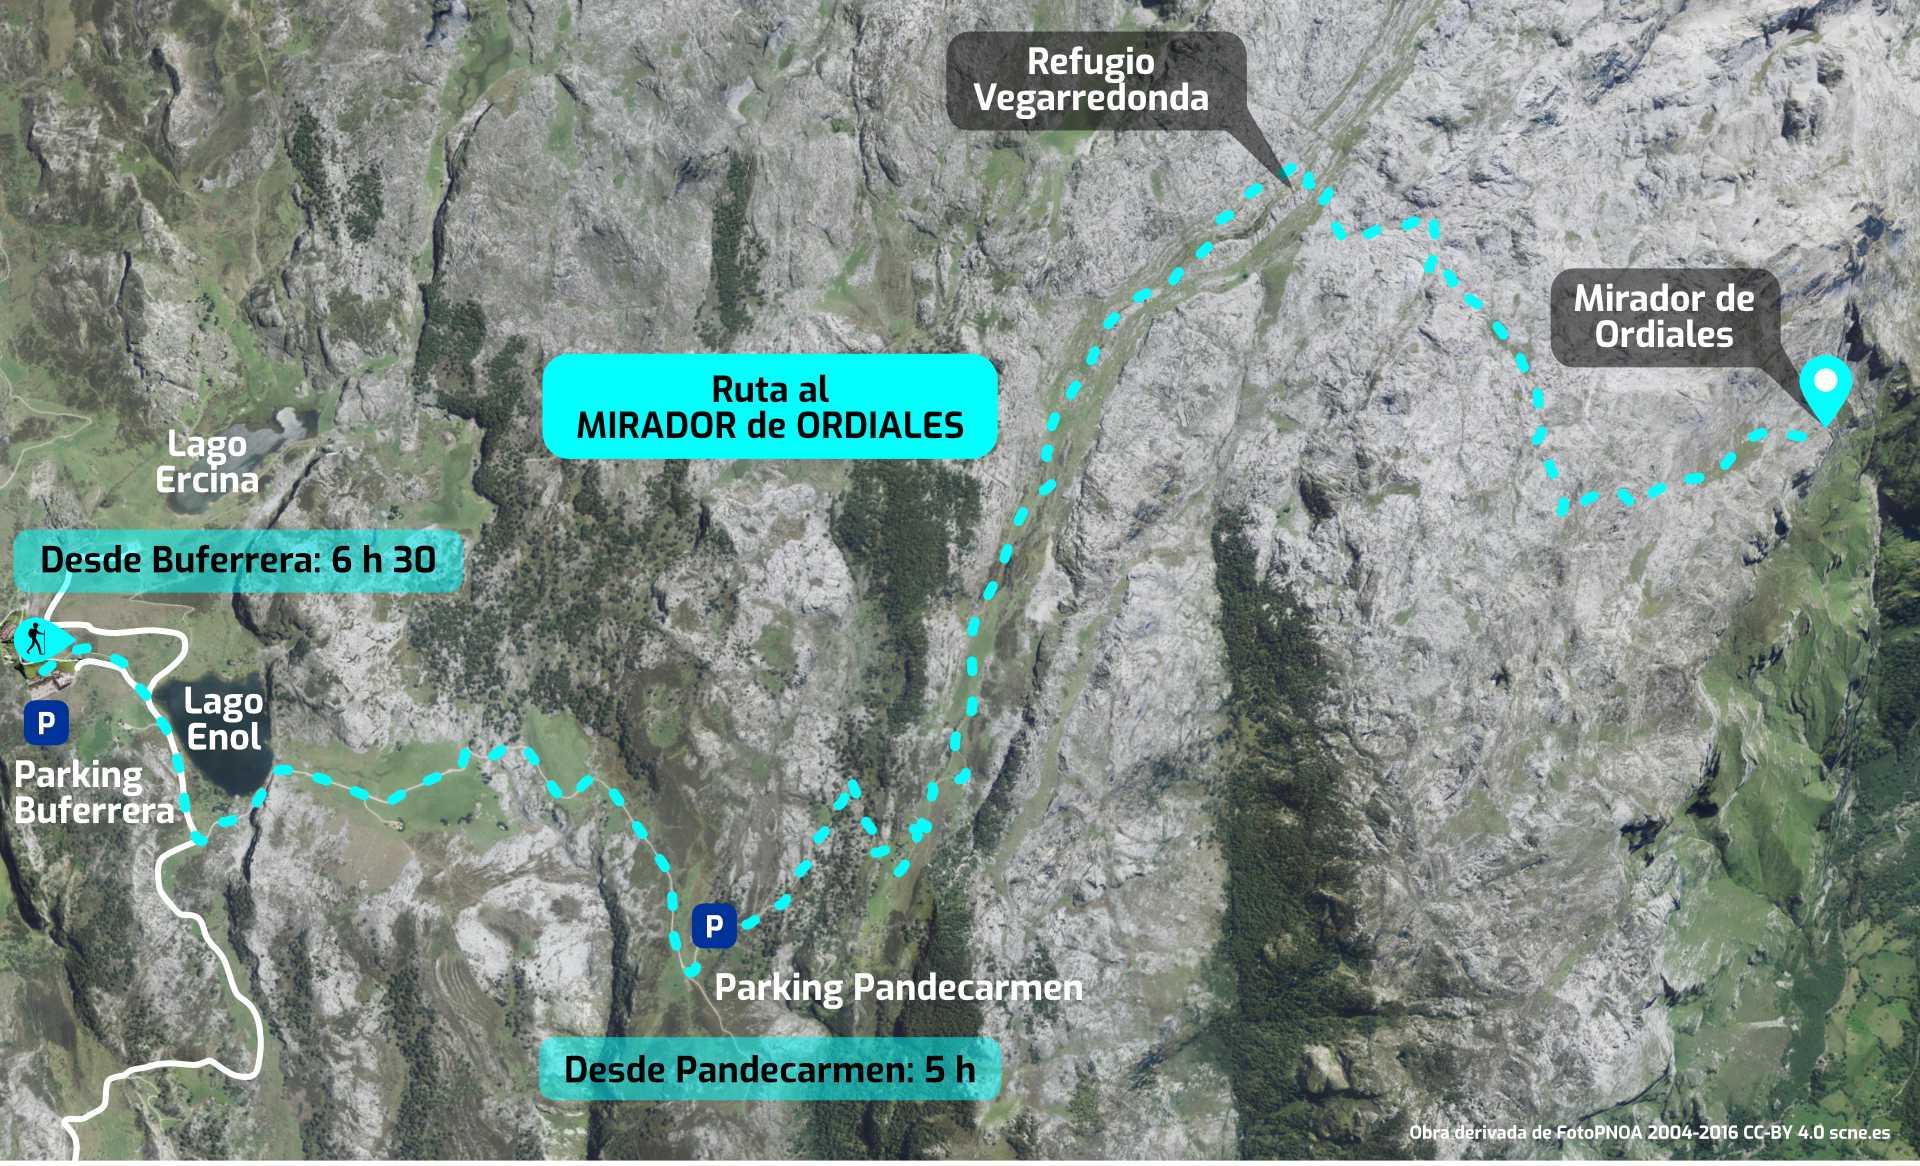 Mapa del recorrido de los Lagos de Covadonga al Mirador de Ordiales, en los Picos de Europa, Asturias